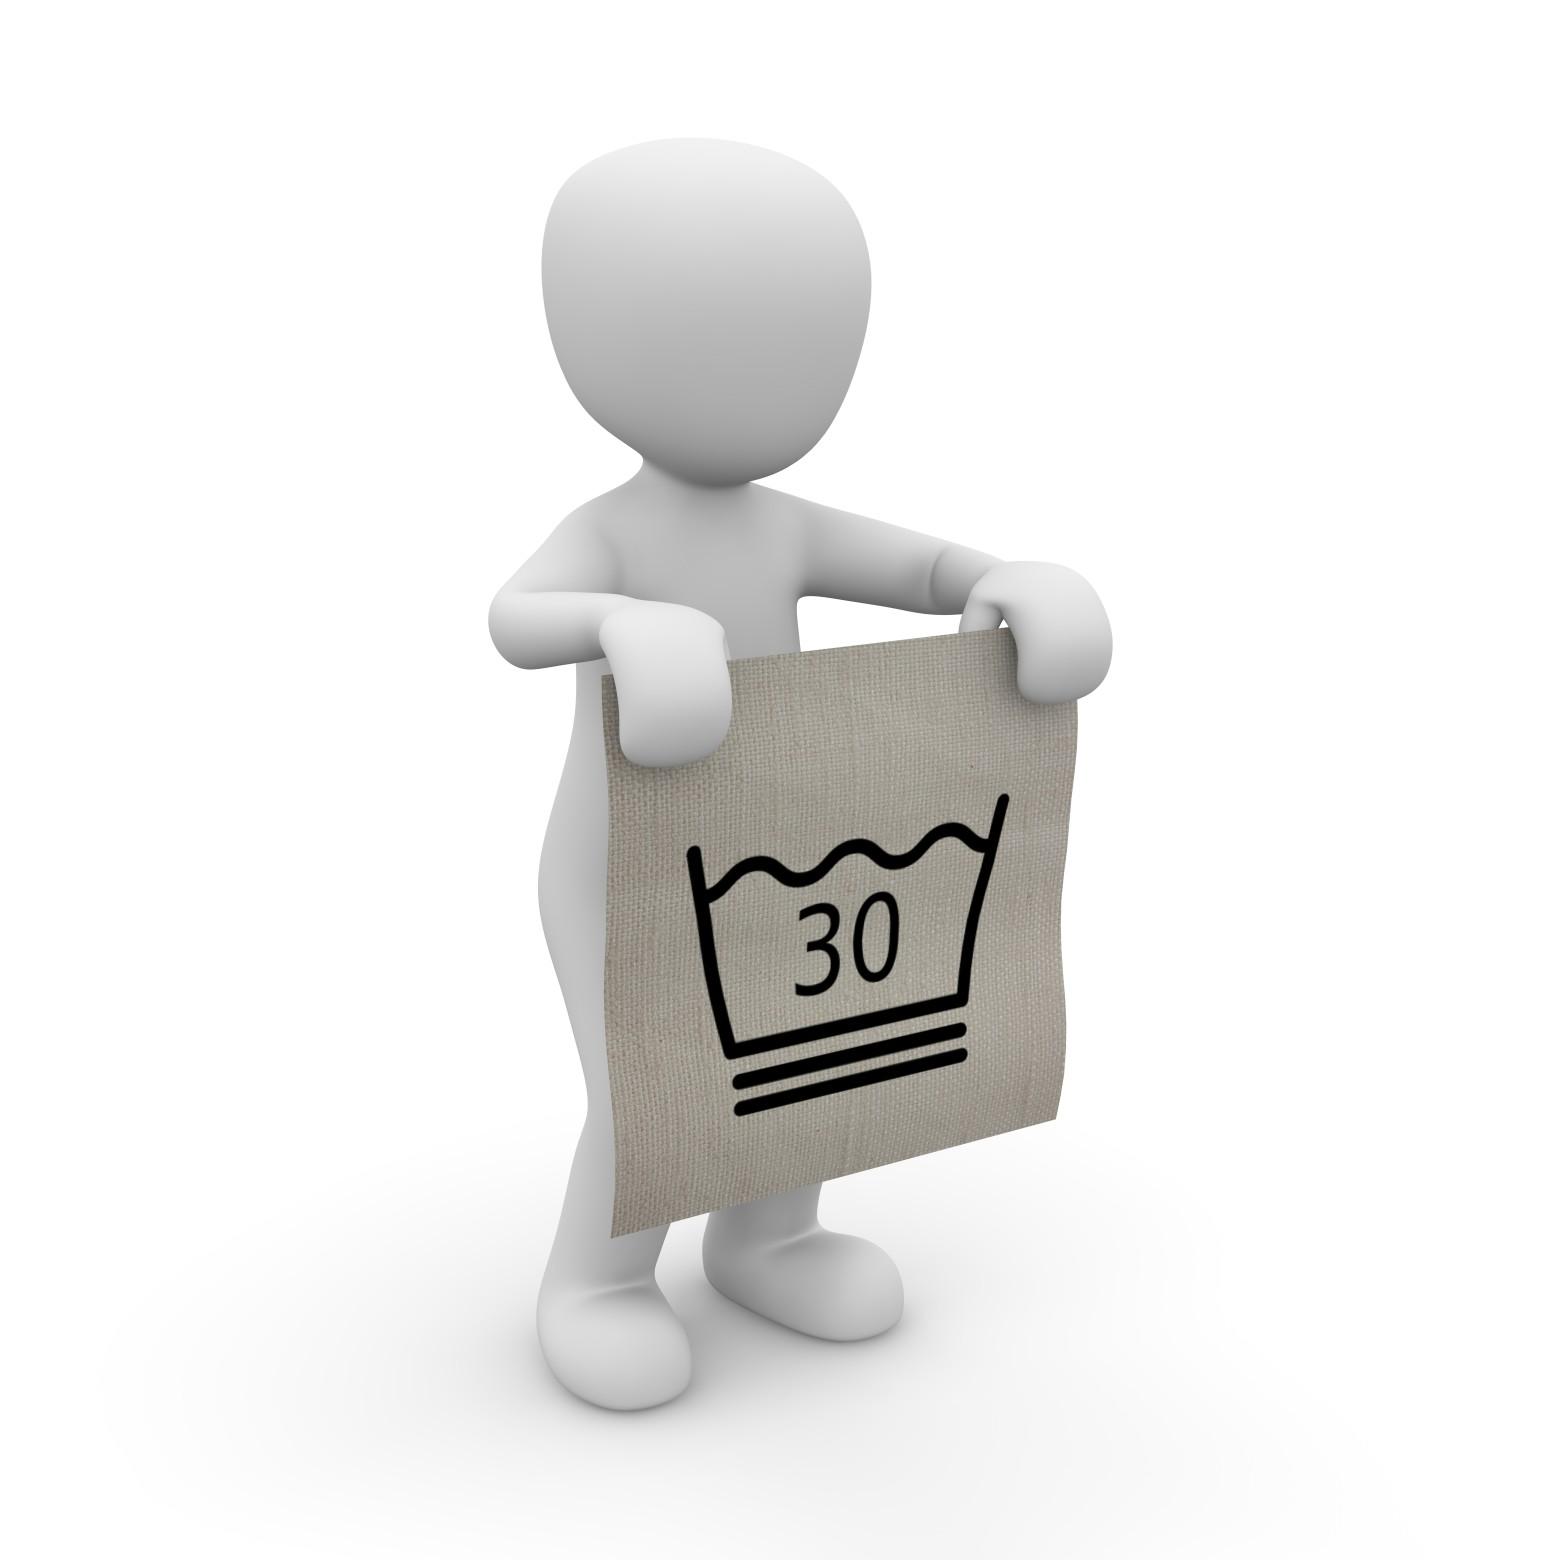 symbole logos 233tiquette lavage main machine lessive images